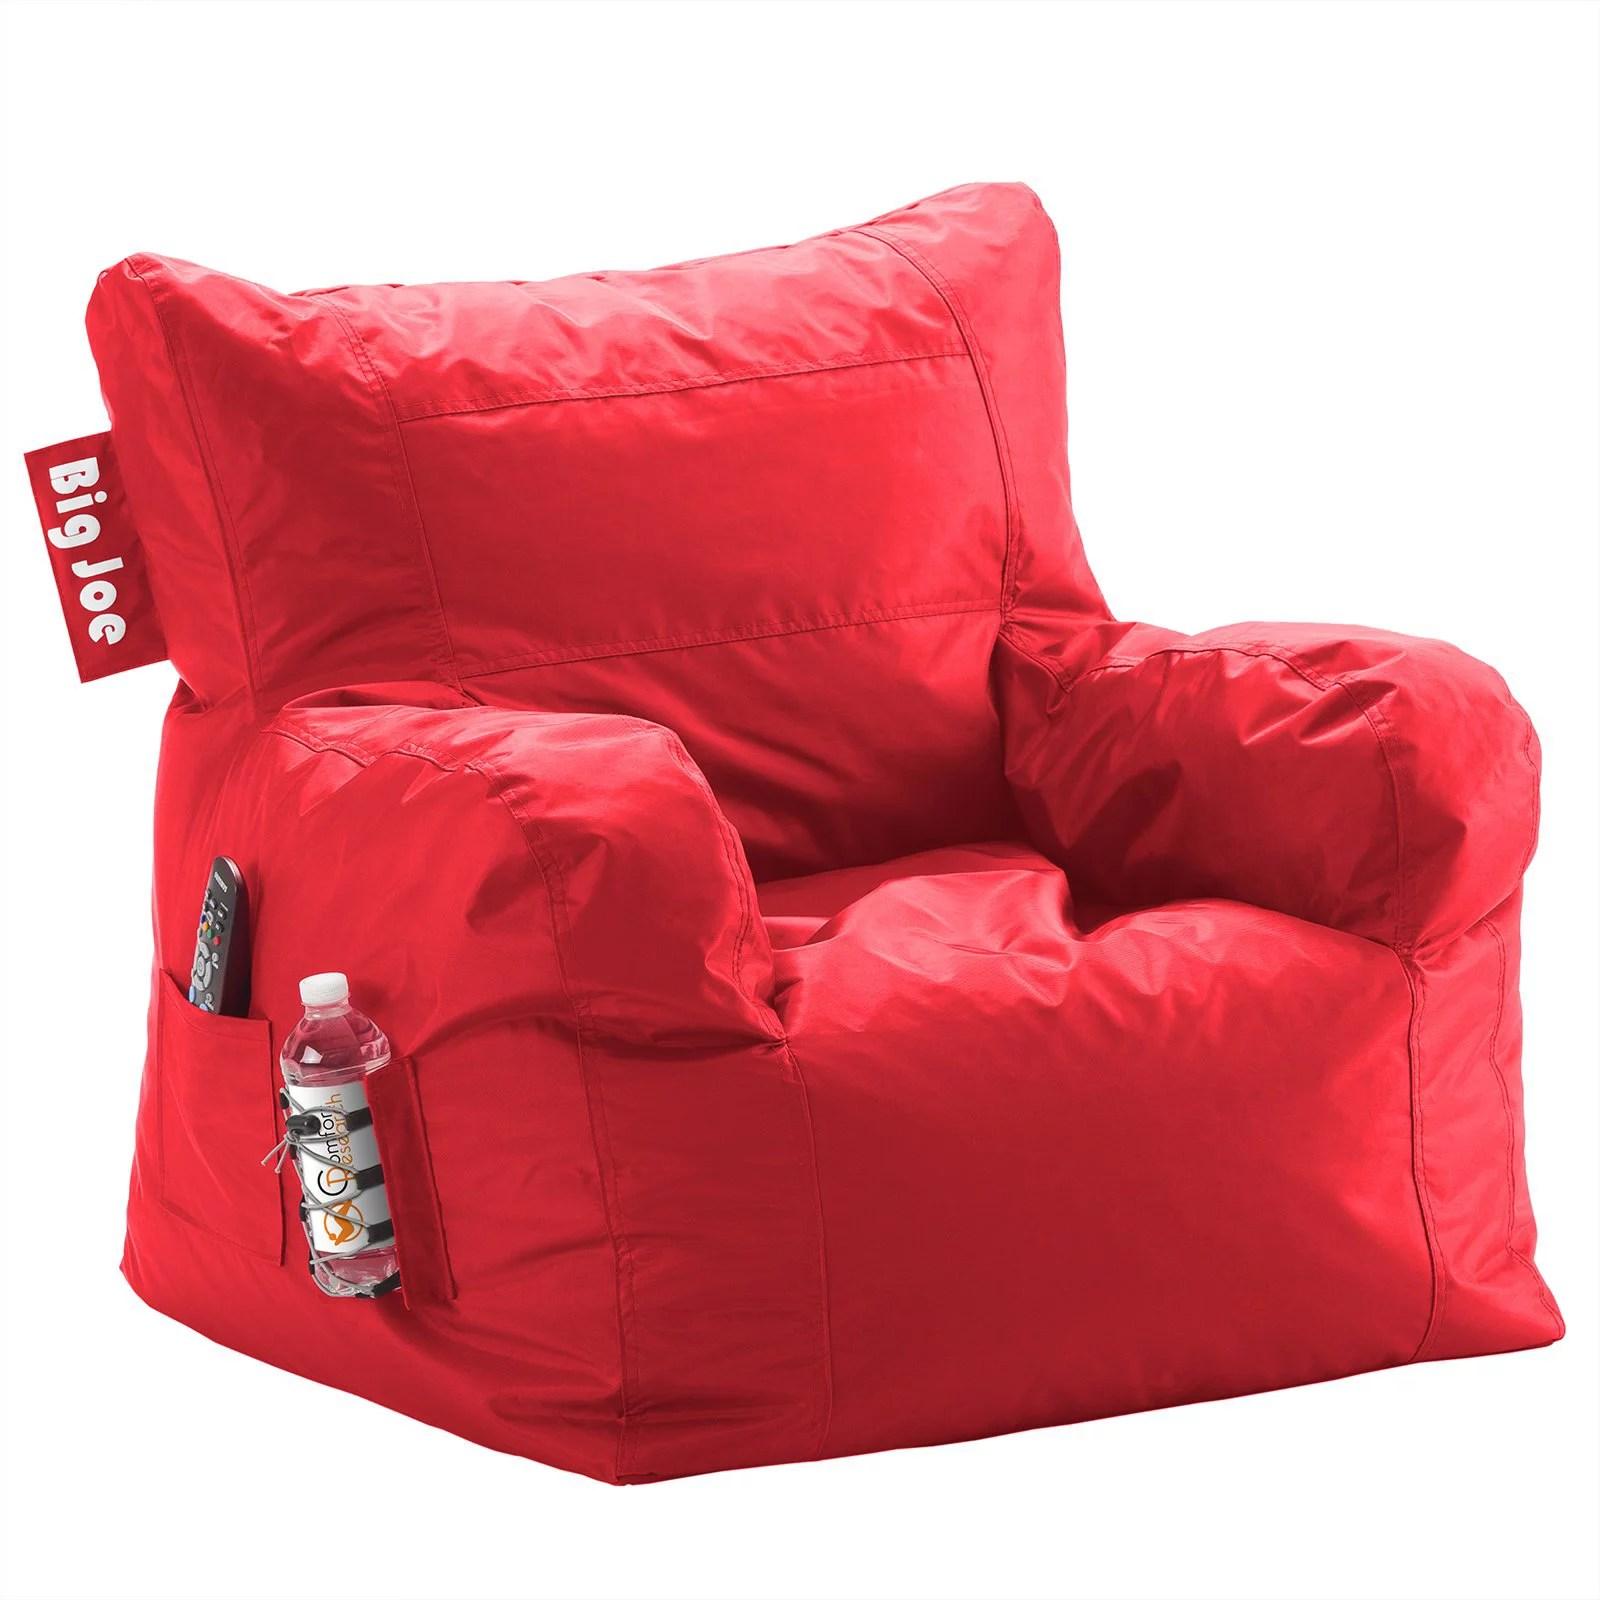 bean bag chairs cheap deck for sale big joe chair multiple colors 33 x 32 25 walmart com